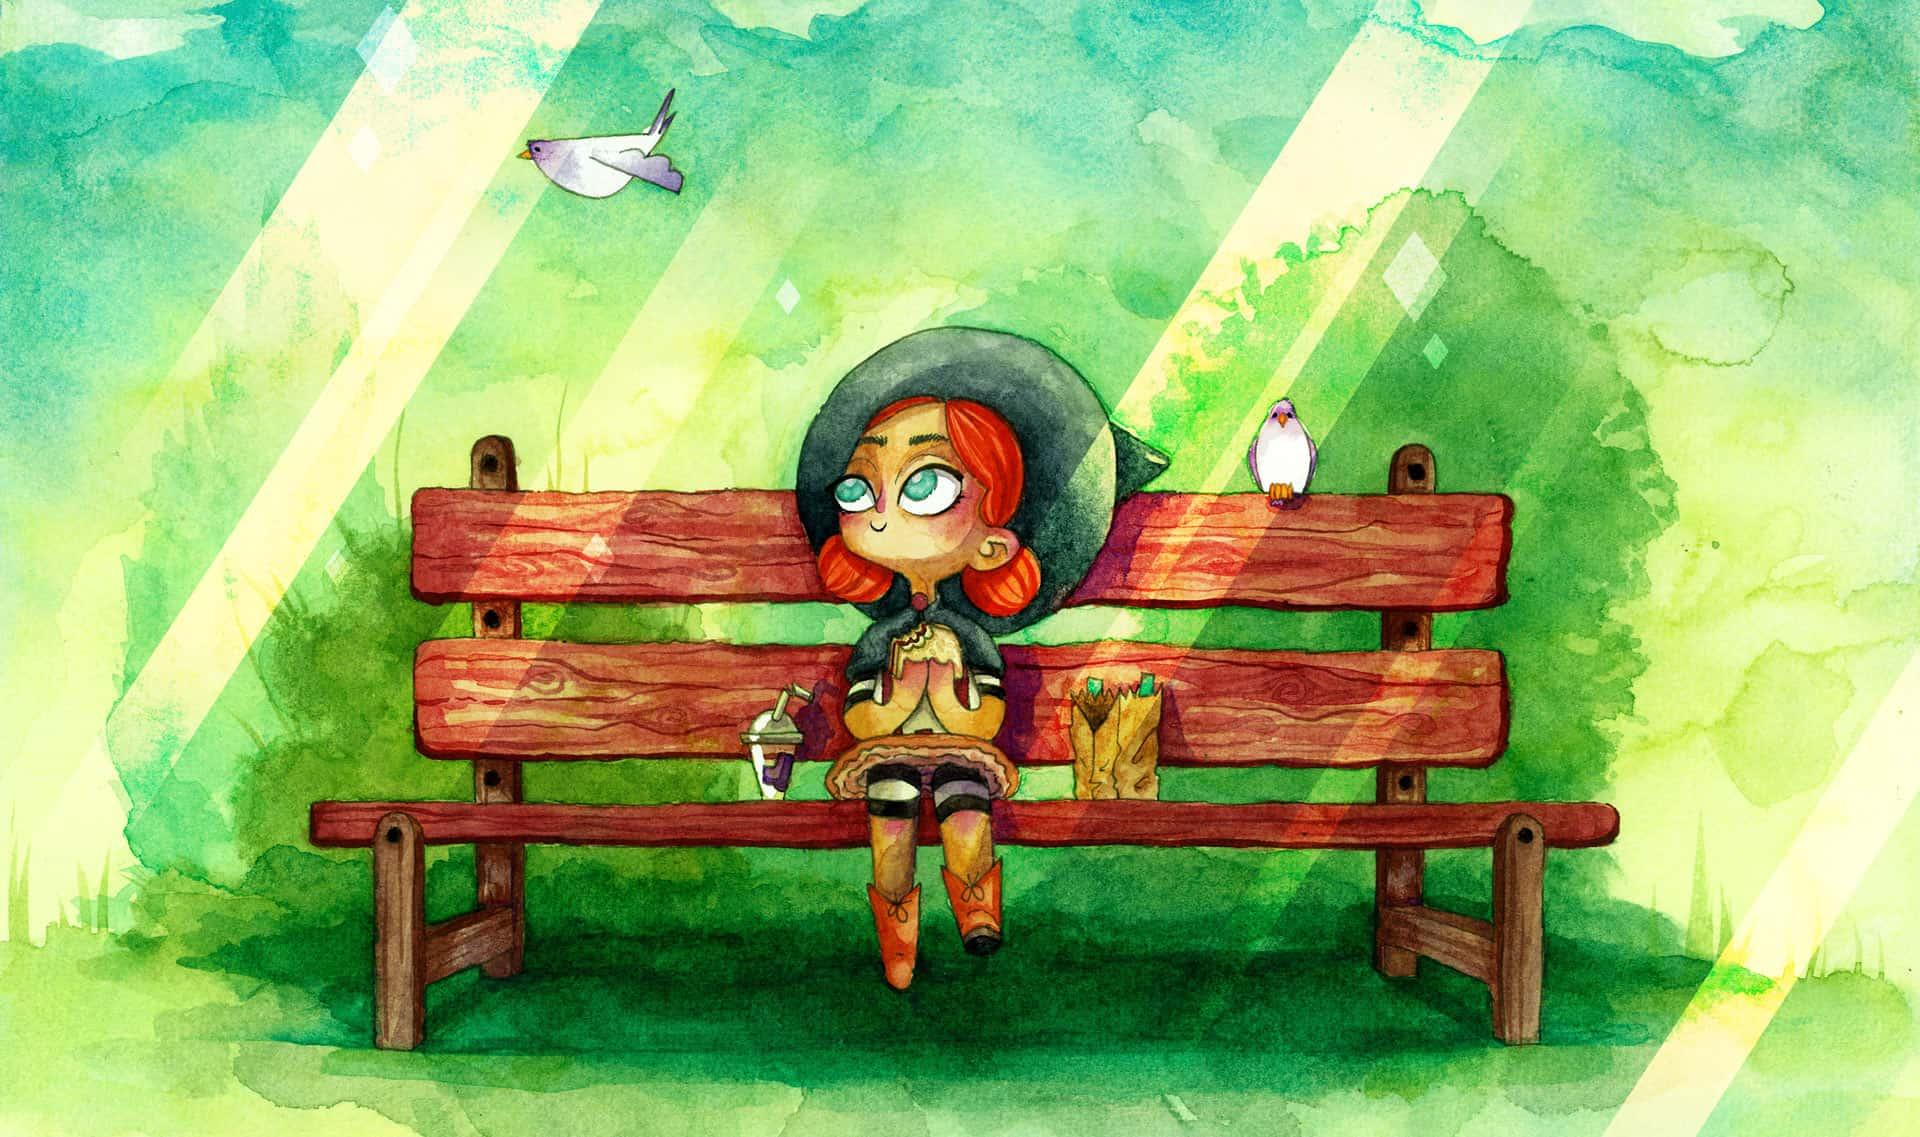 Types of illustrations for children's books sample 6